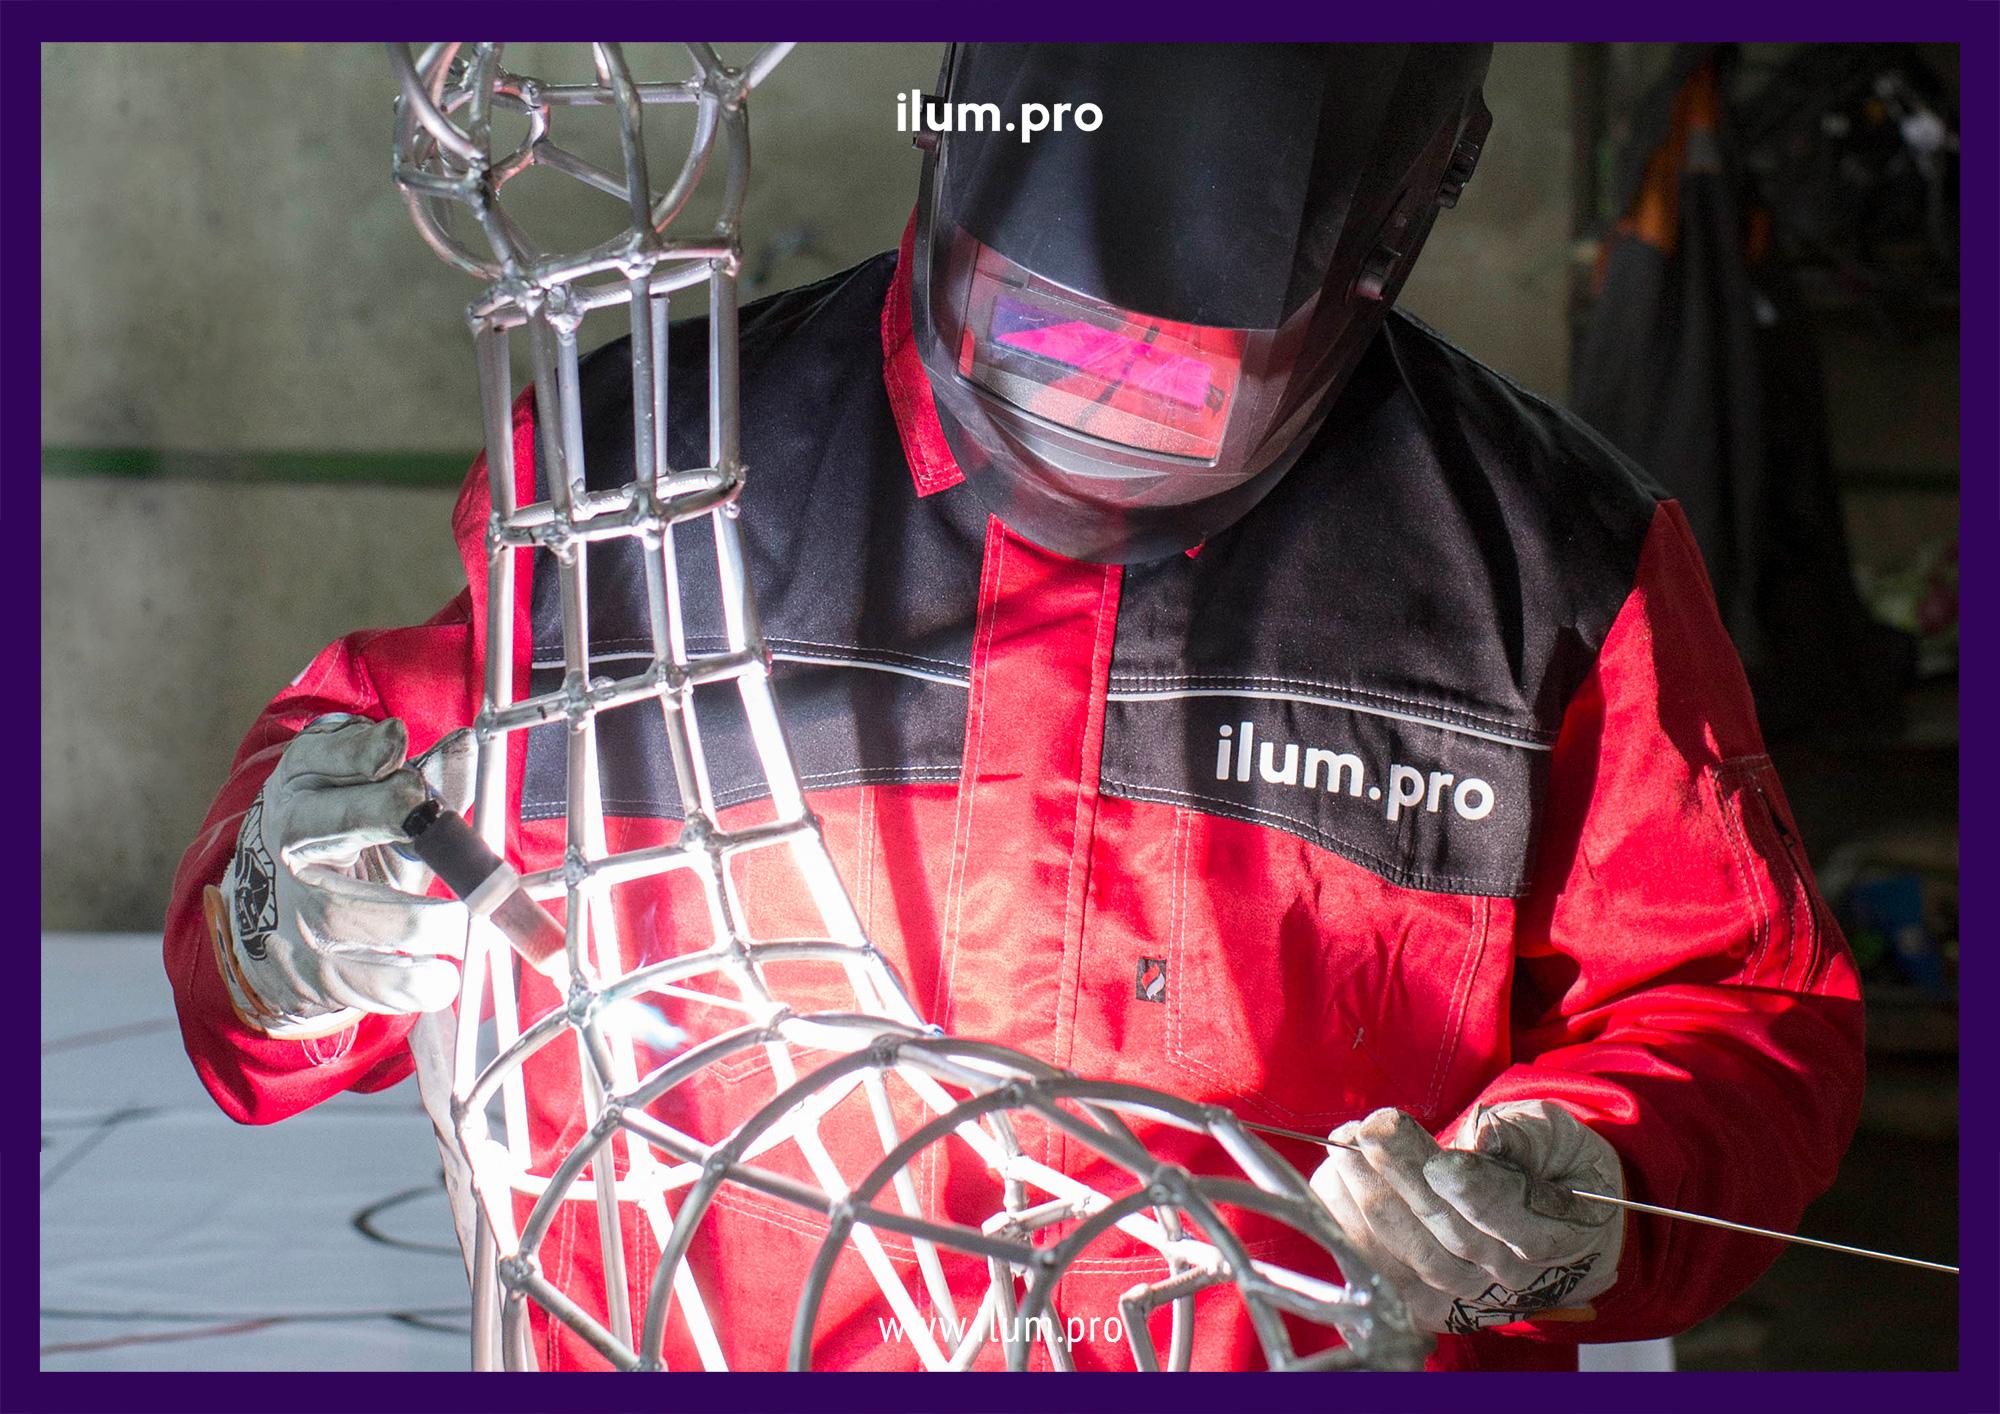 Сварка алюминиевого каркаса светодиодного оленя с гирляндами